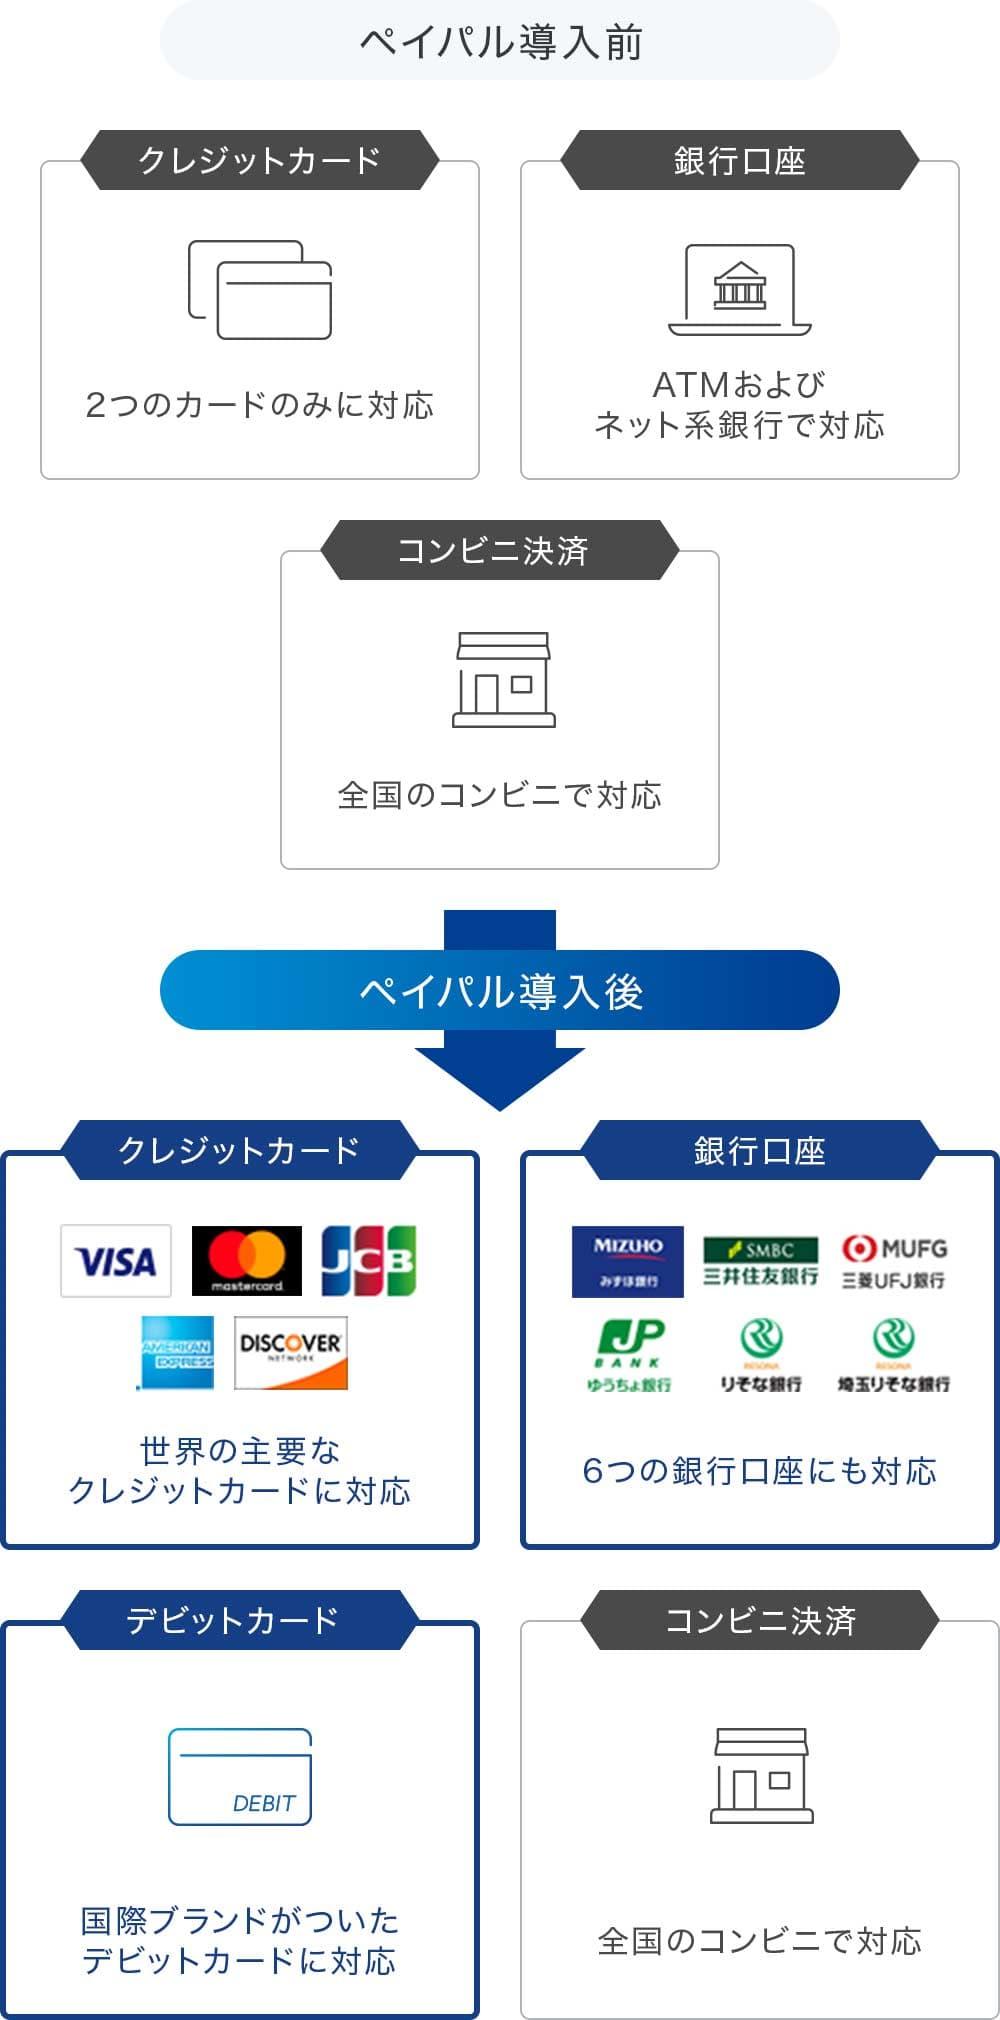 支払い方法のさまざまな例を示す単一の画像